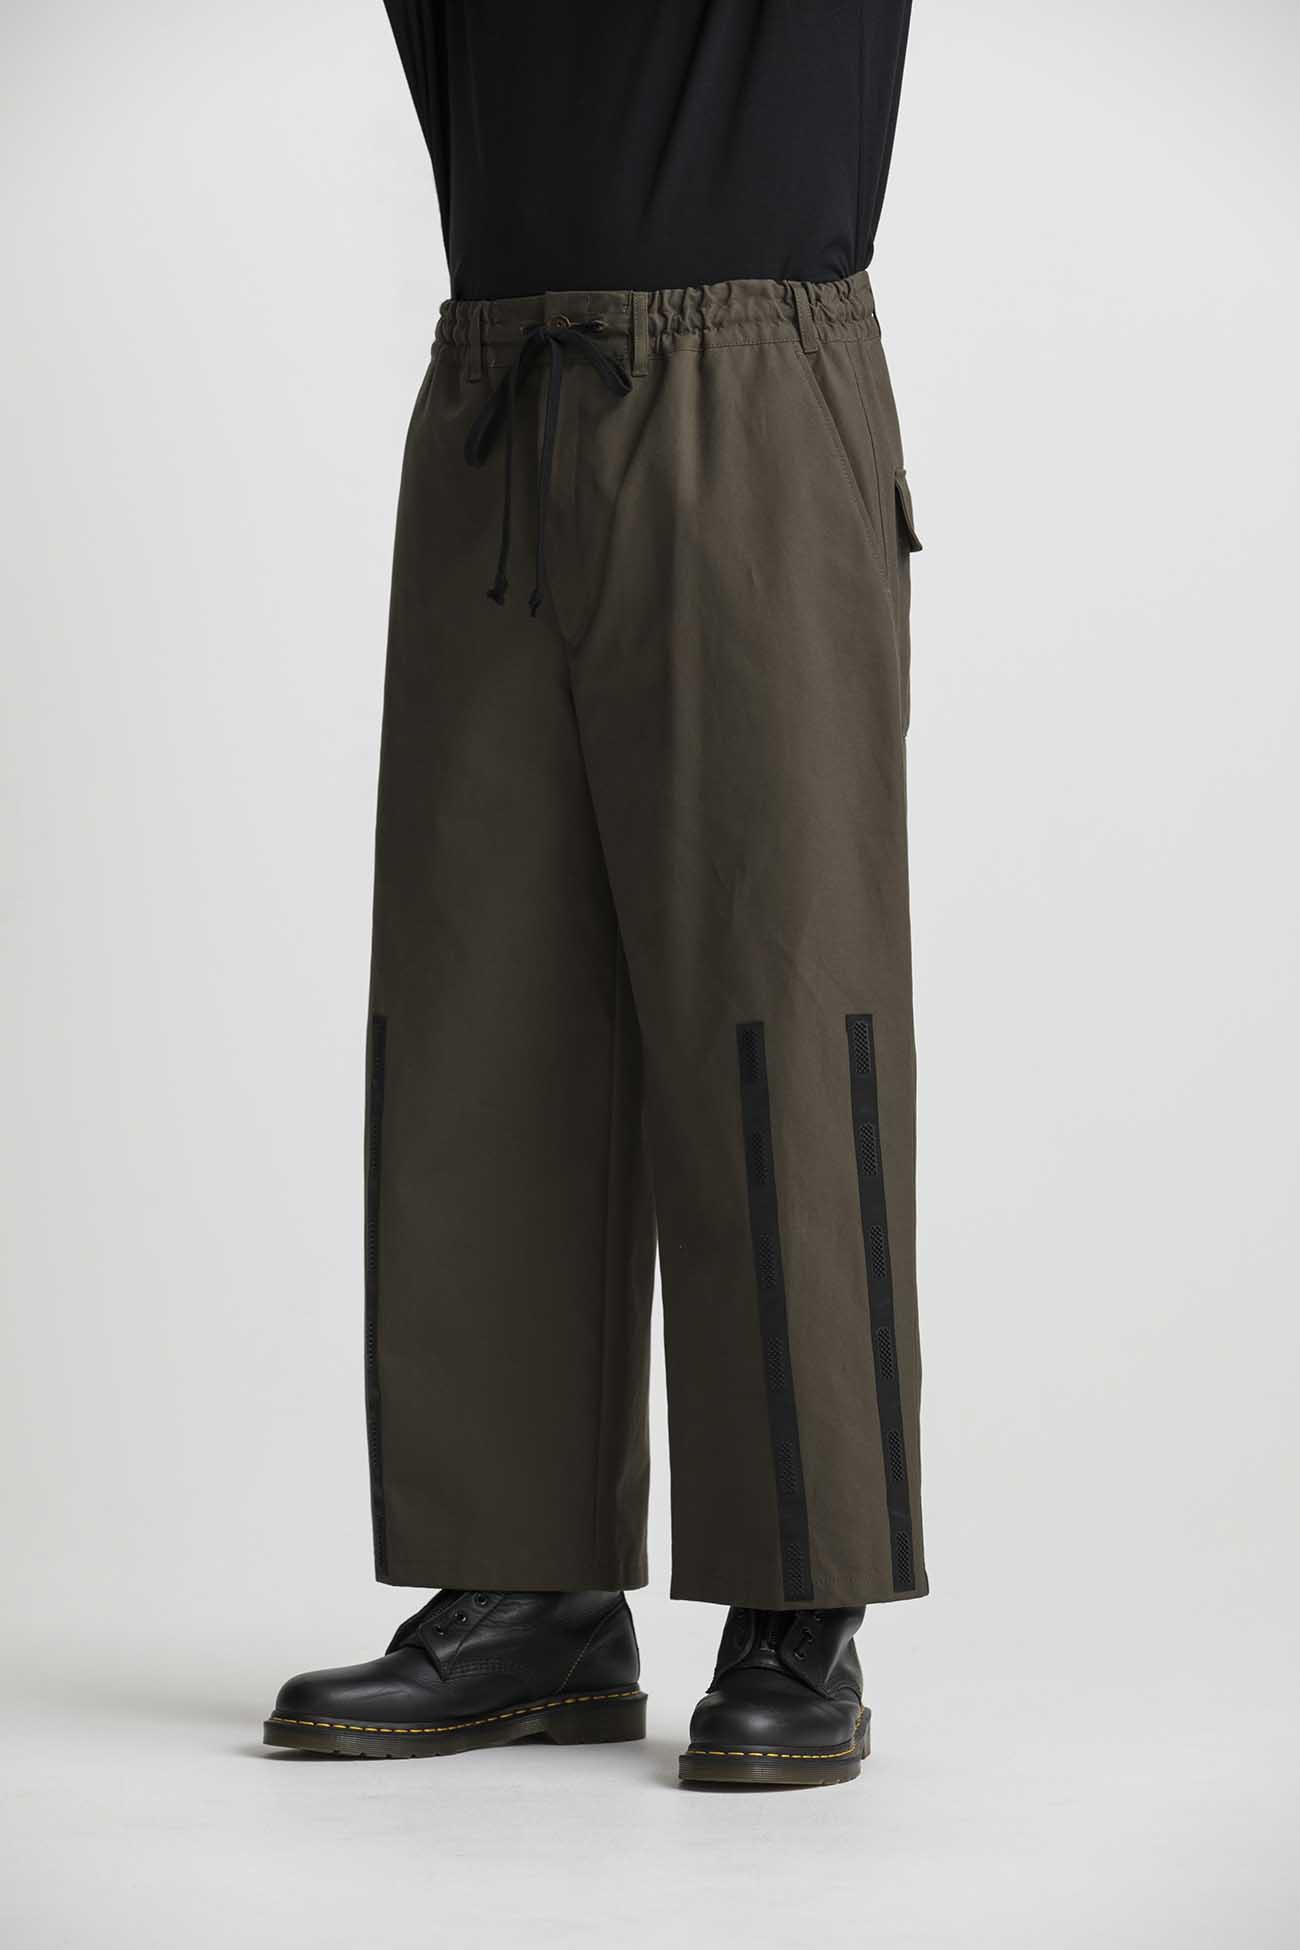 79A Cotton Canvas Easy Jopper Pants